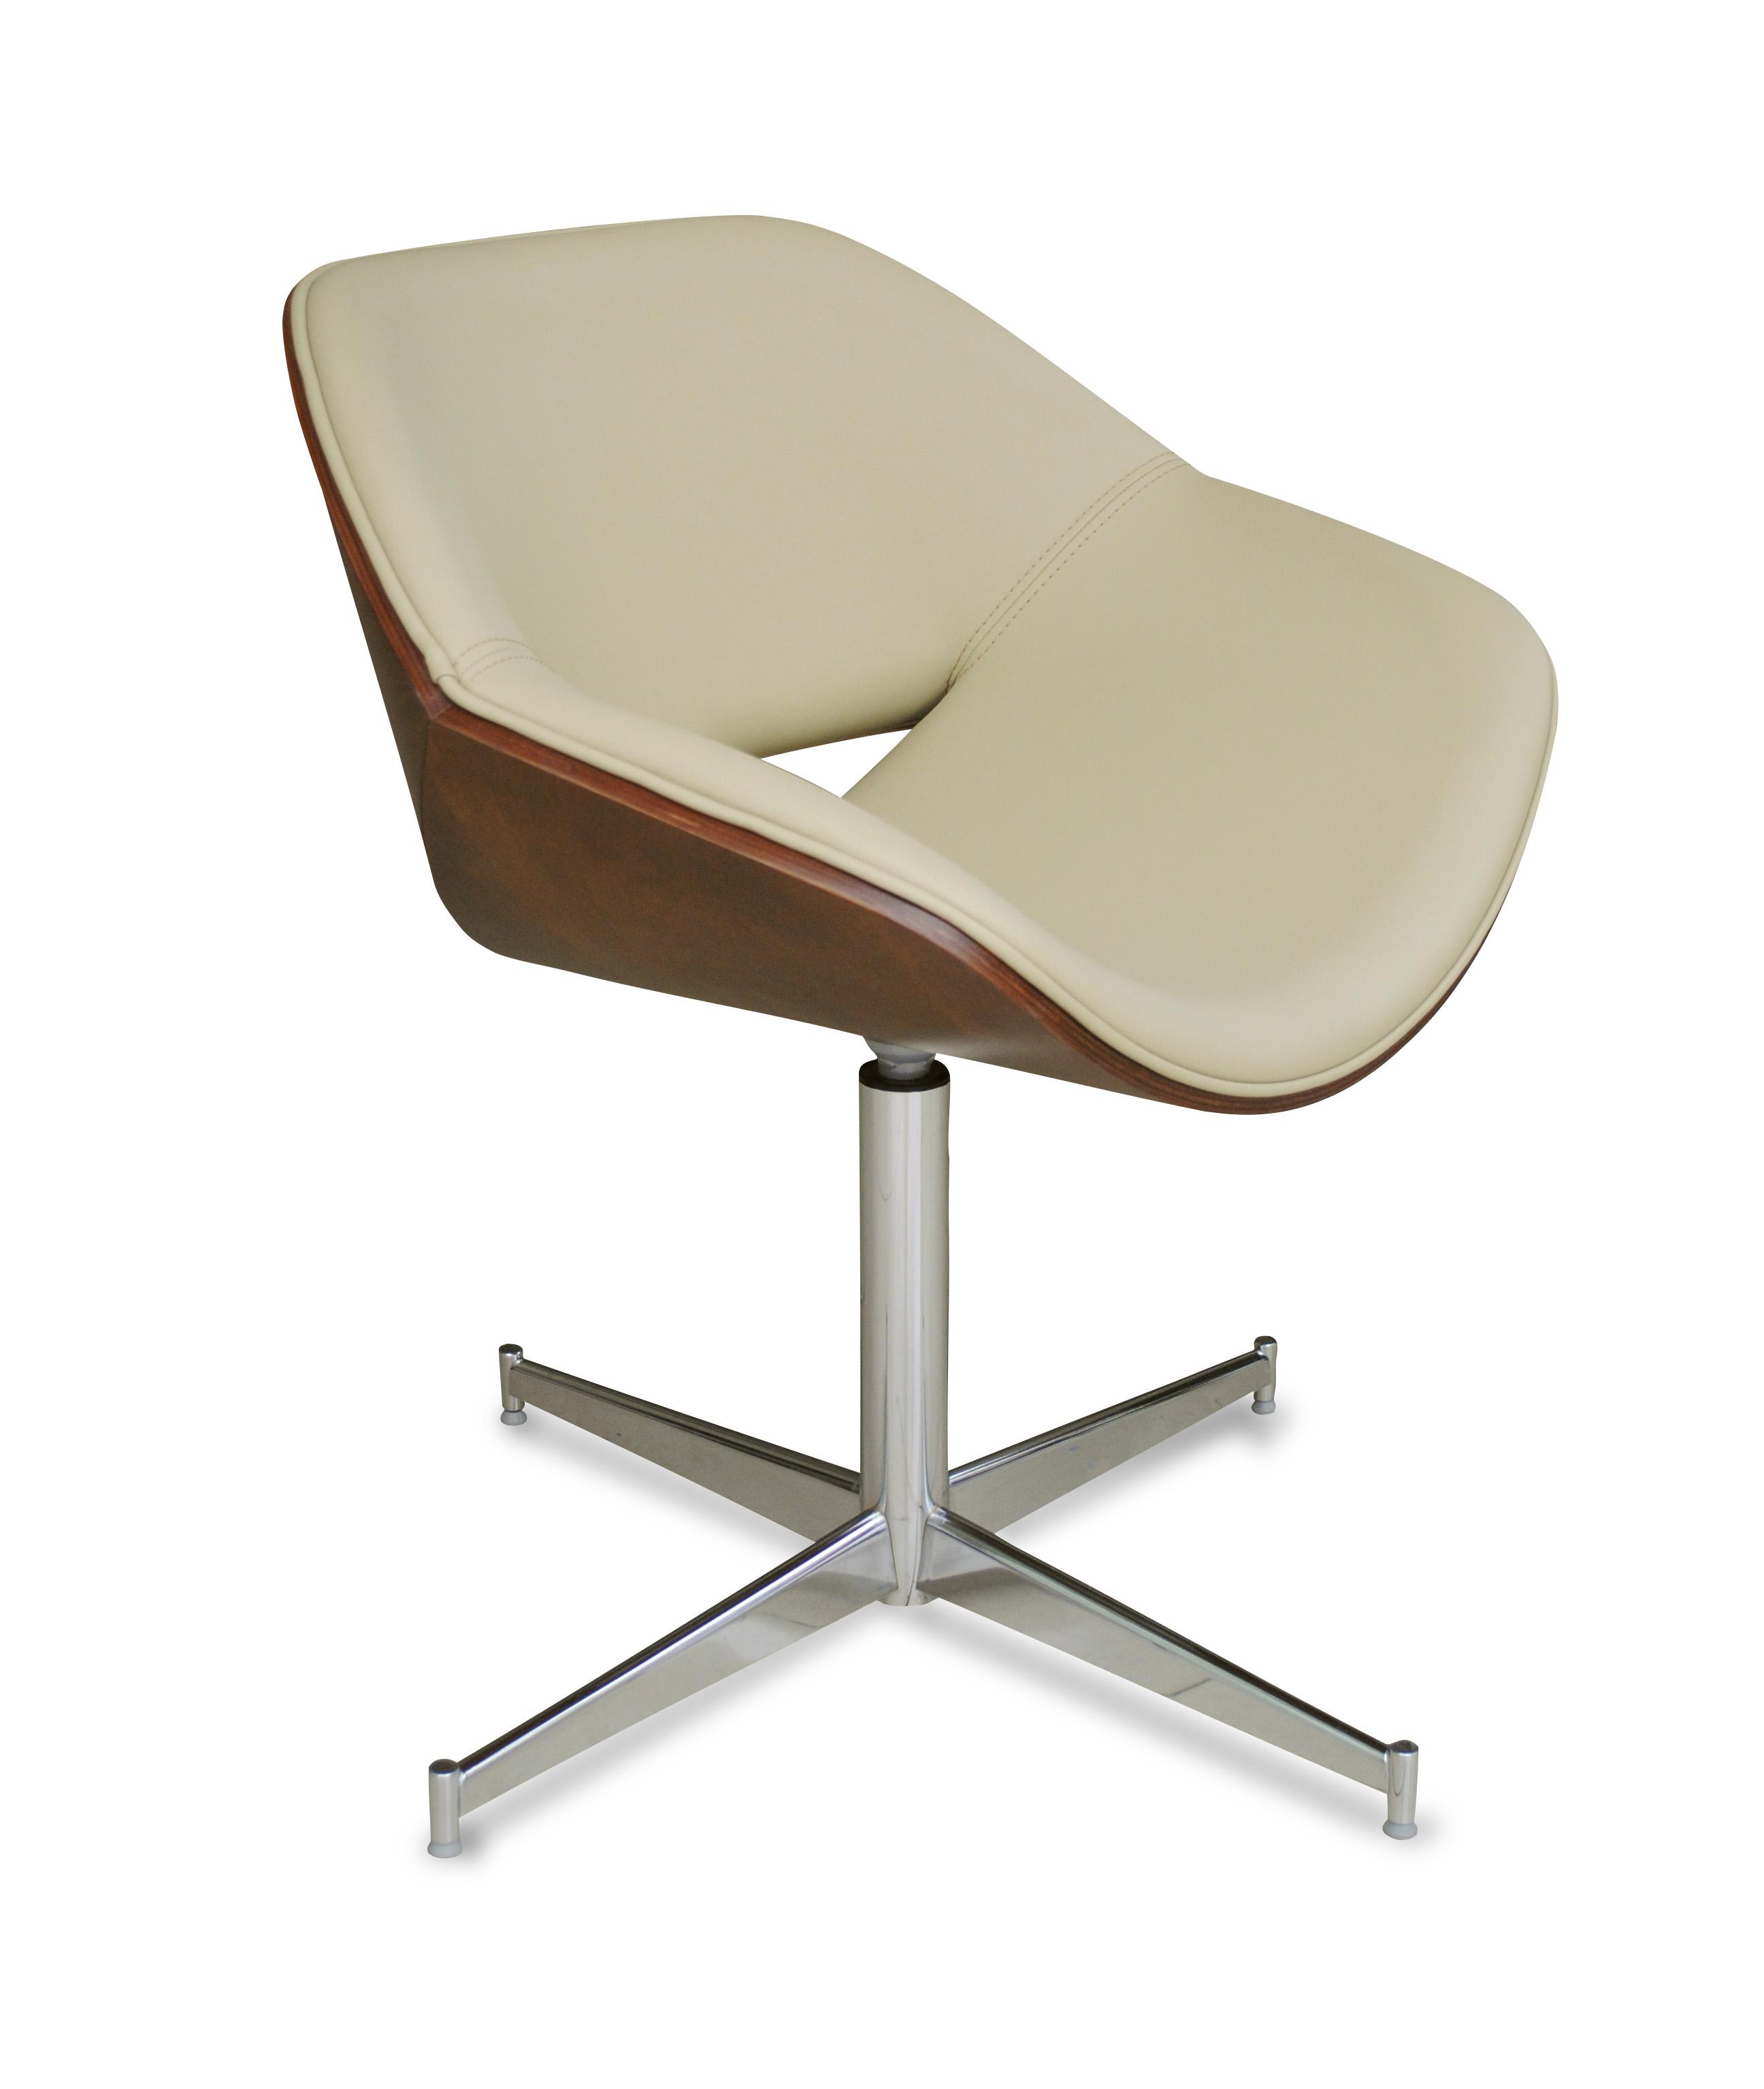 clássico com concha multilaminada em madeira assento e encosto  #5F412C 2592x3069